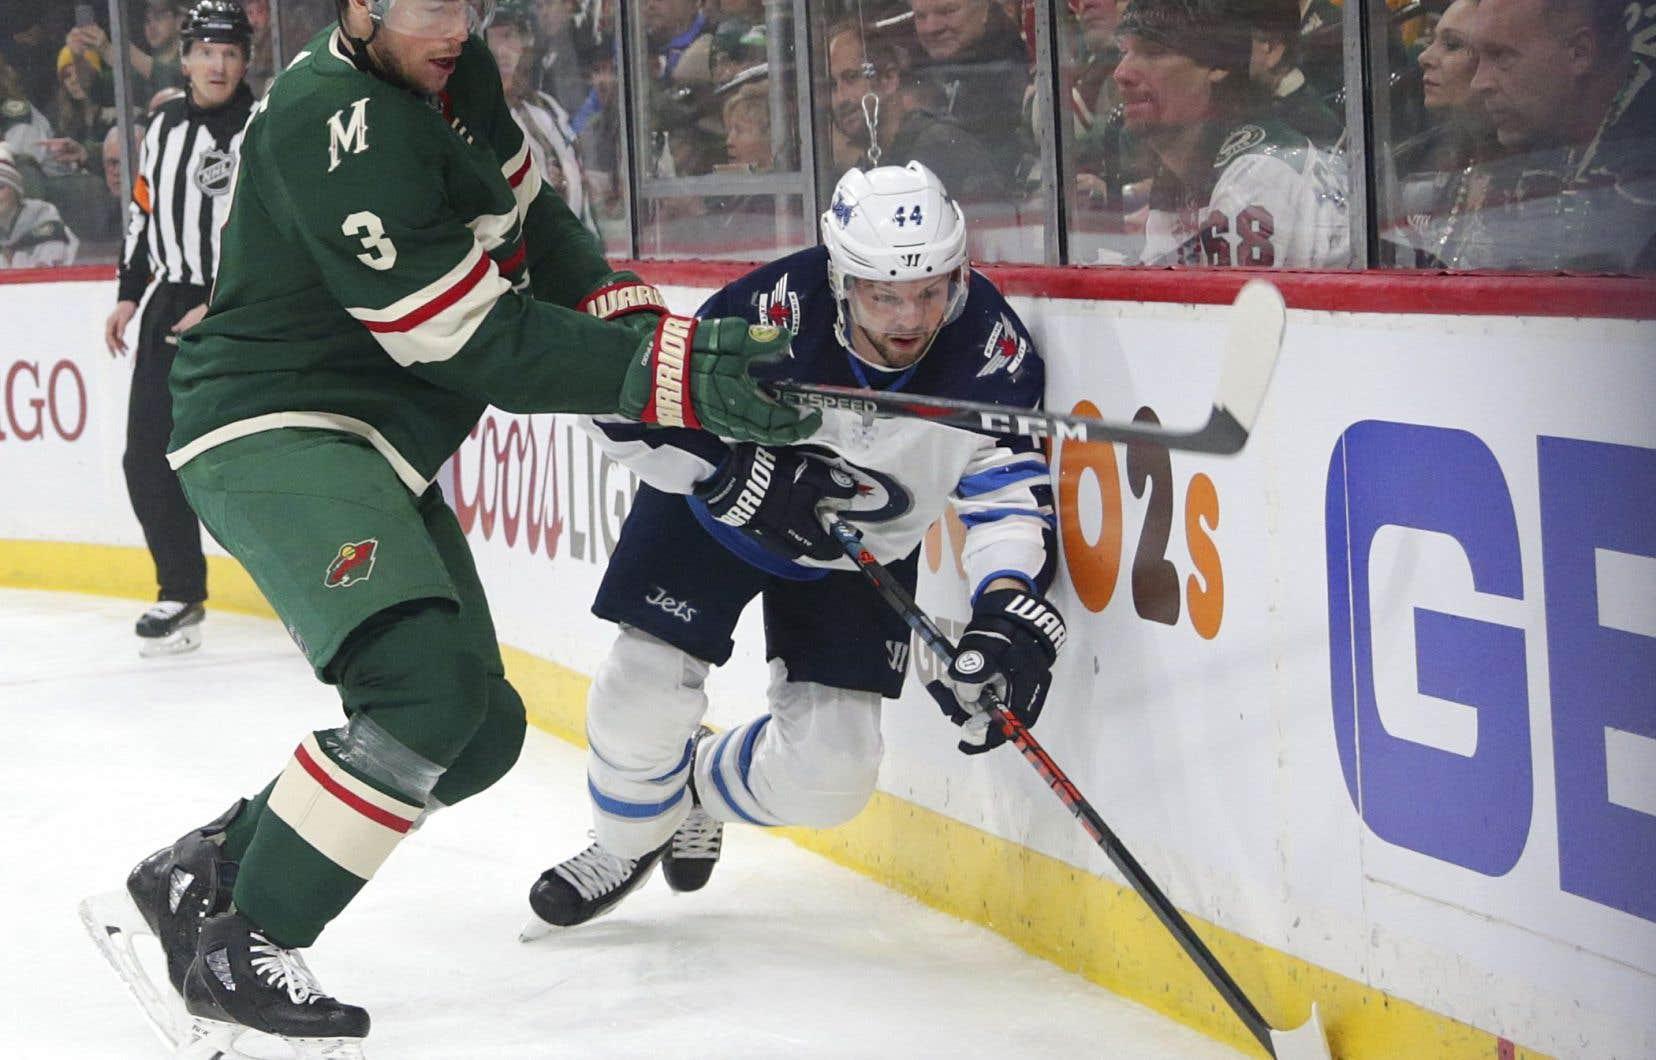 Le Wild du Minnesota s'est servi d'une poussée de quatre buts en deuxième période pour triompher 6-2 contre les Jets de Winnipeg.